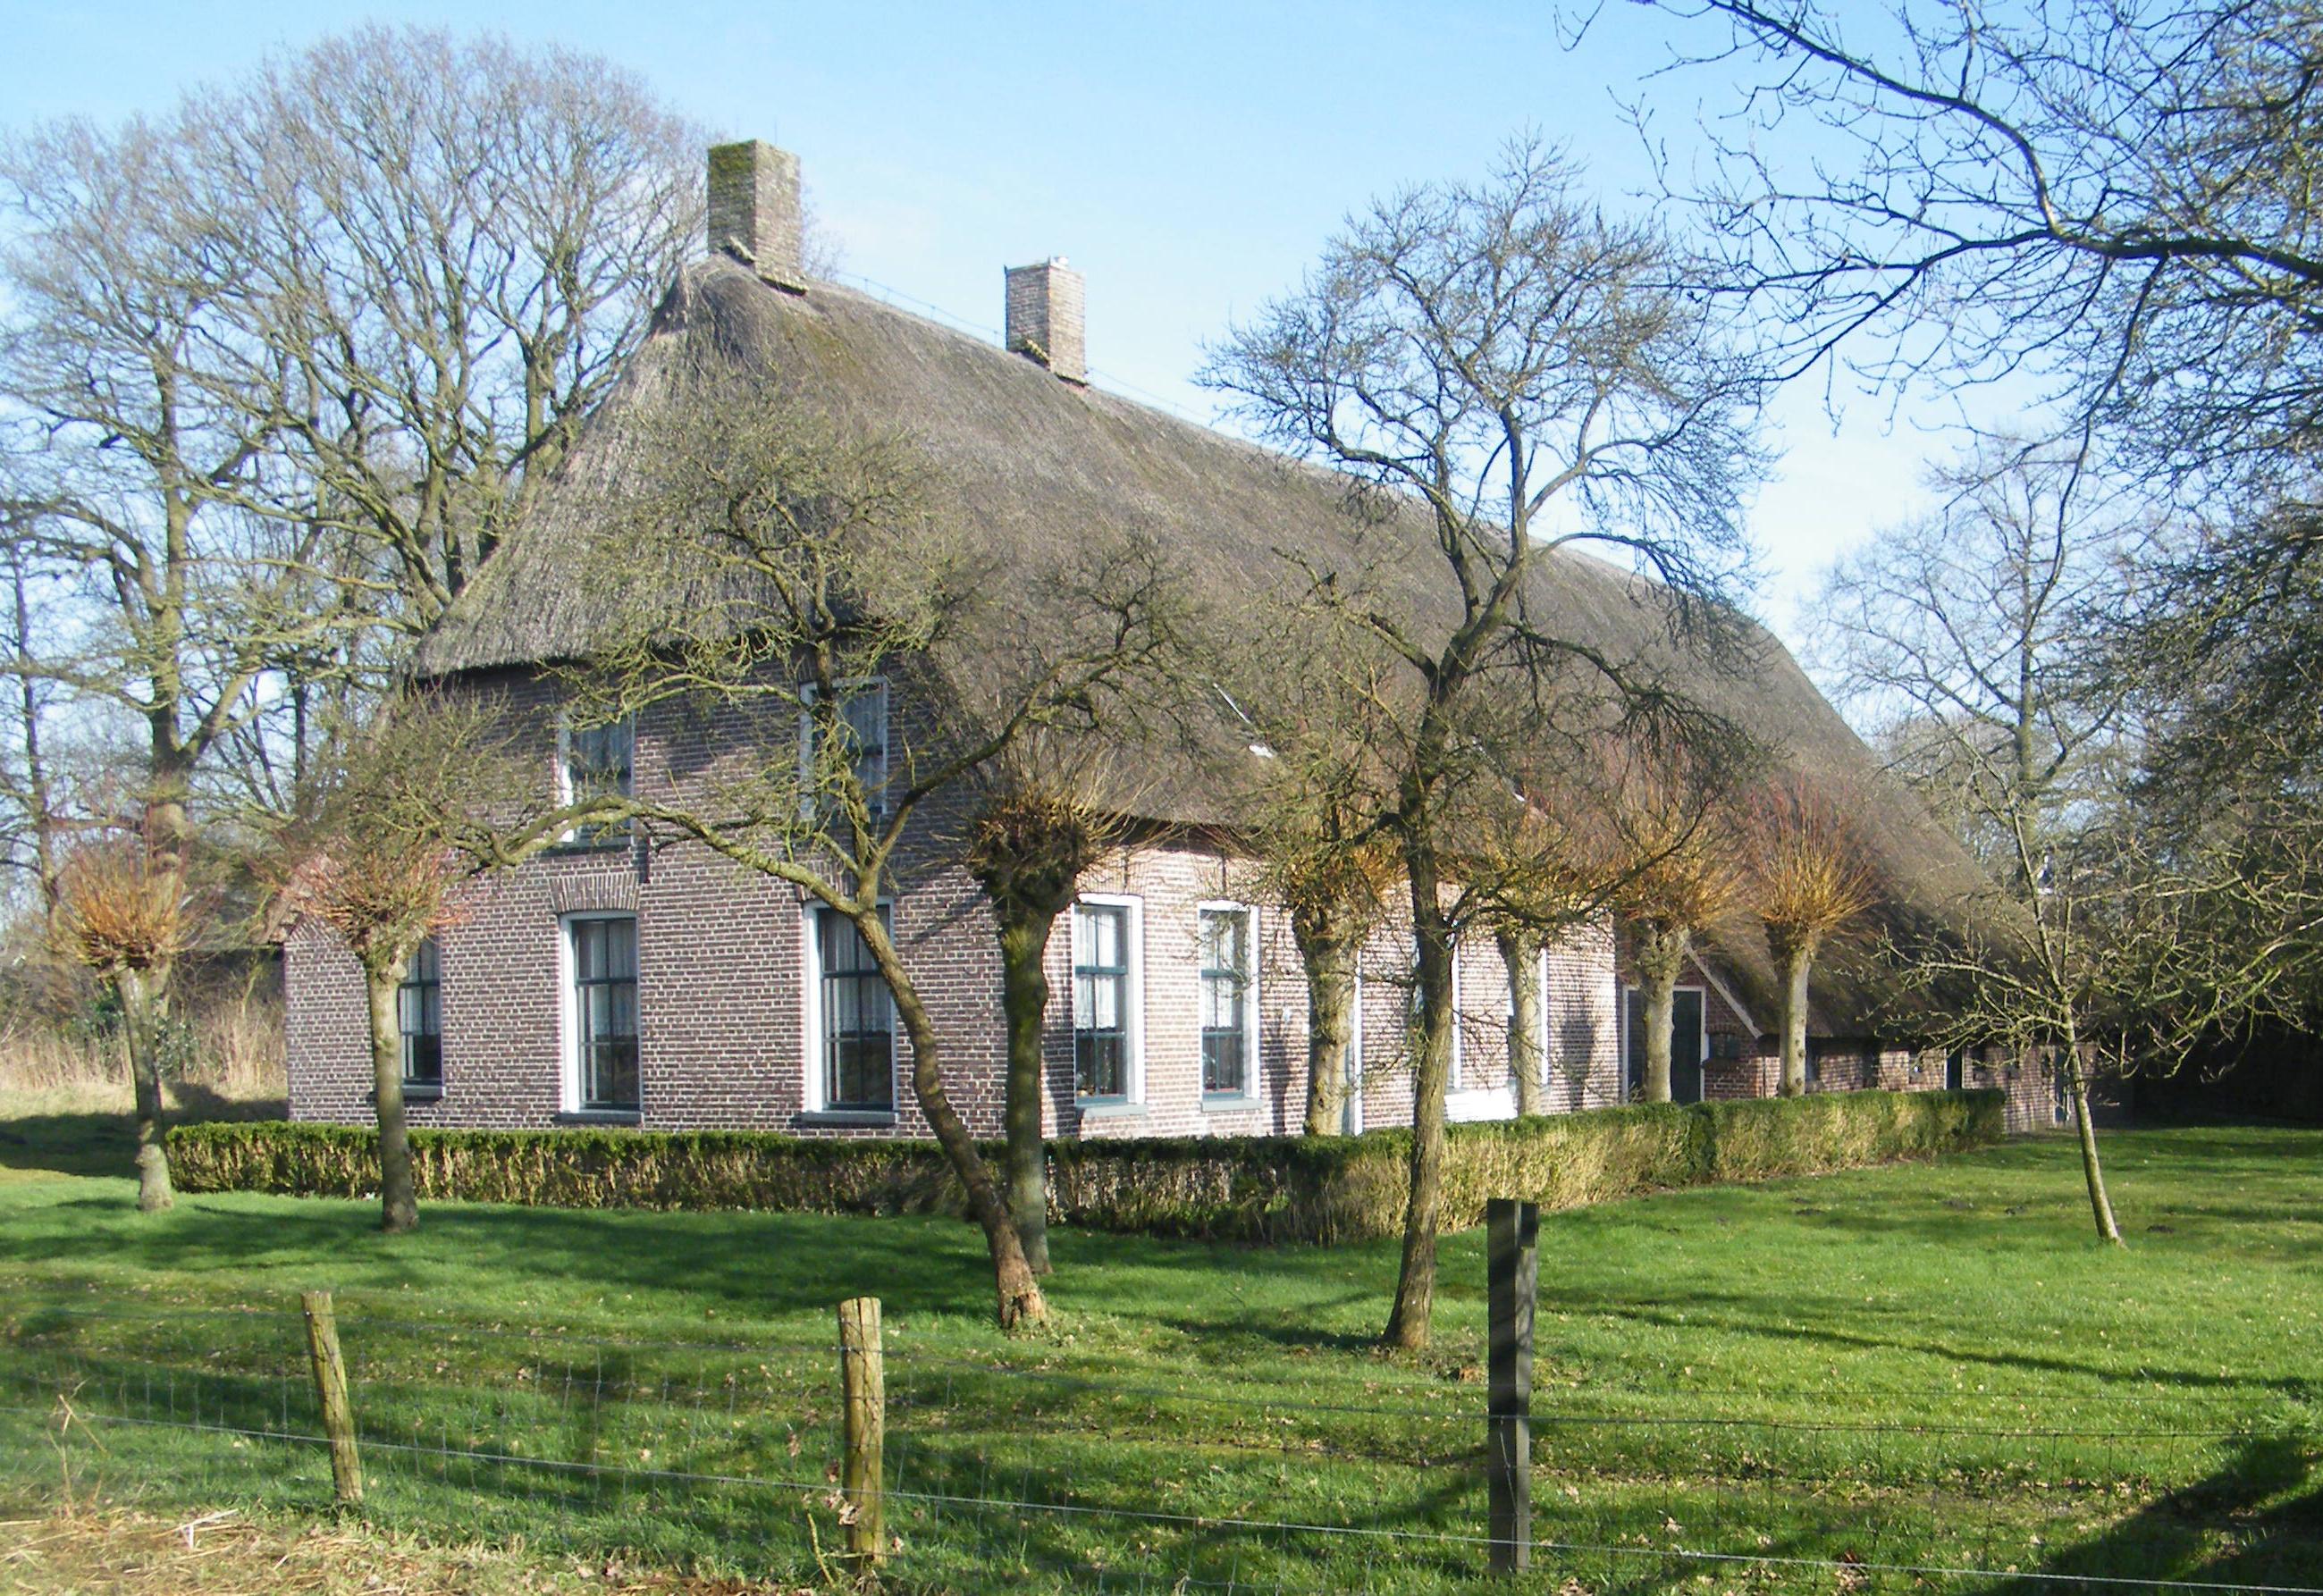 een oude boerderij van lichte bakstenen met rietendak, omringd door een lage haag. Rond de boerderij een grasveld met bomen.